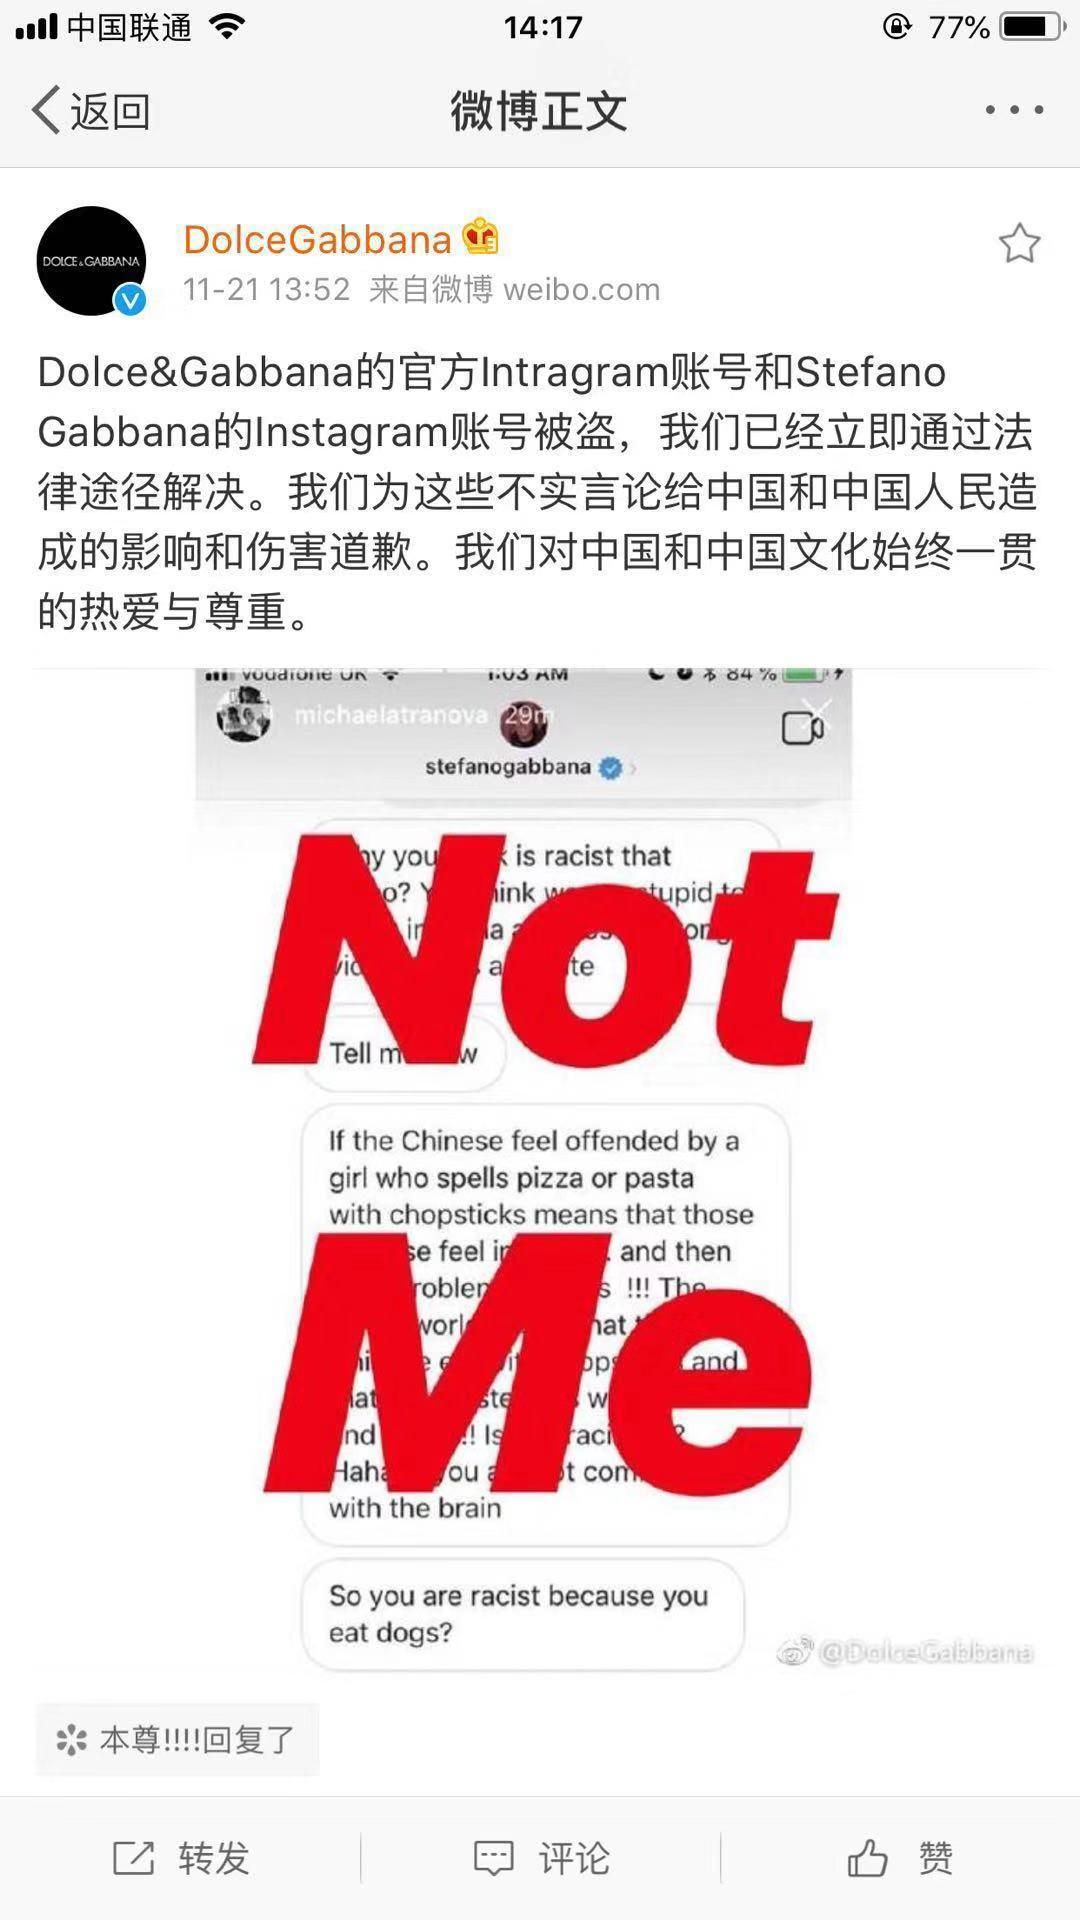 gabbana的instagram账号被盗,我们已经立即通过法律途径解决.图片